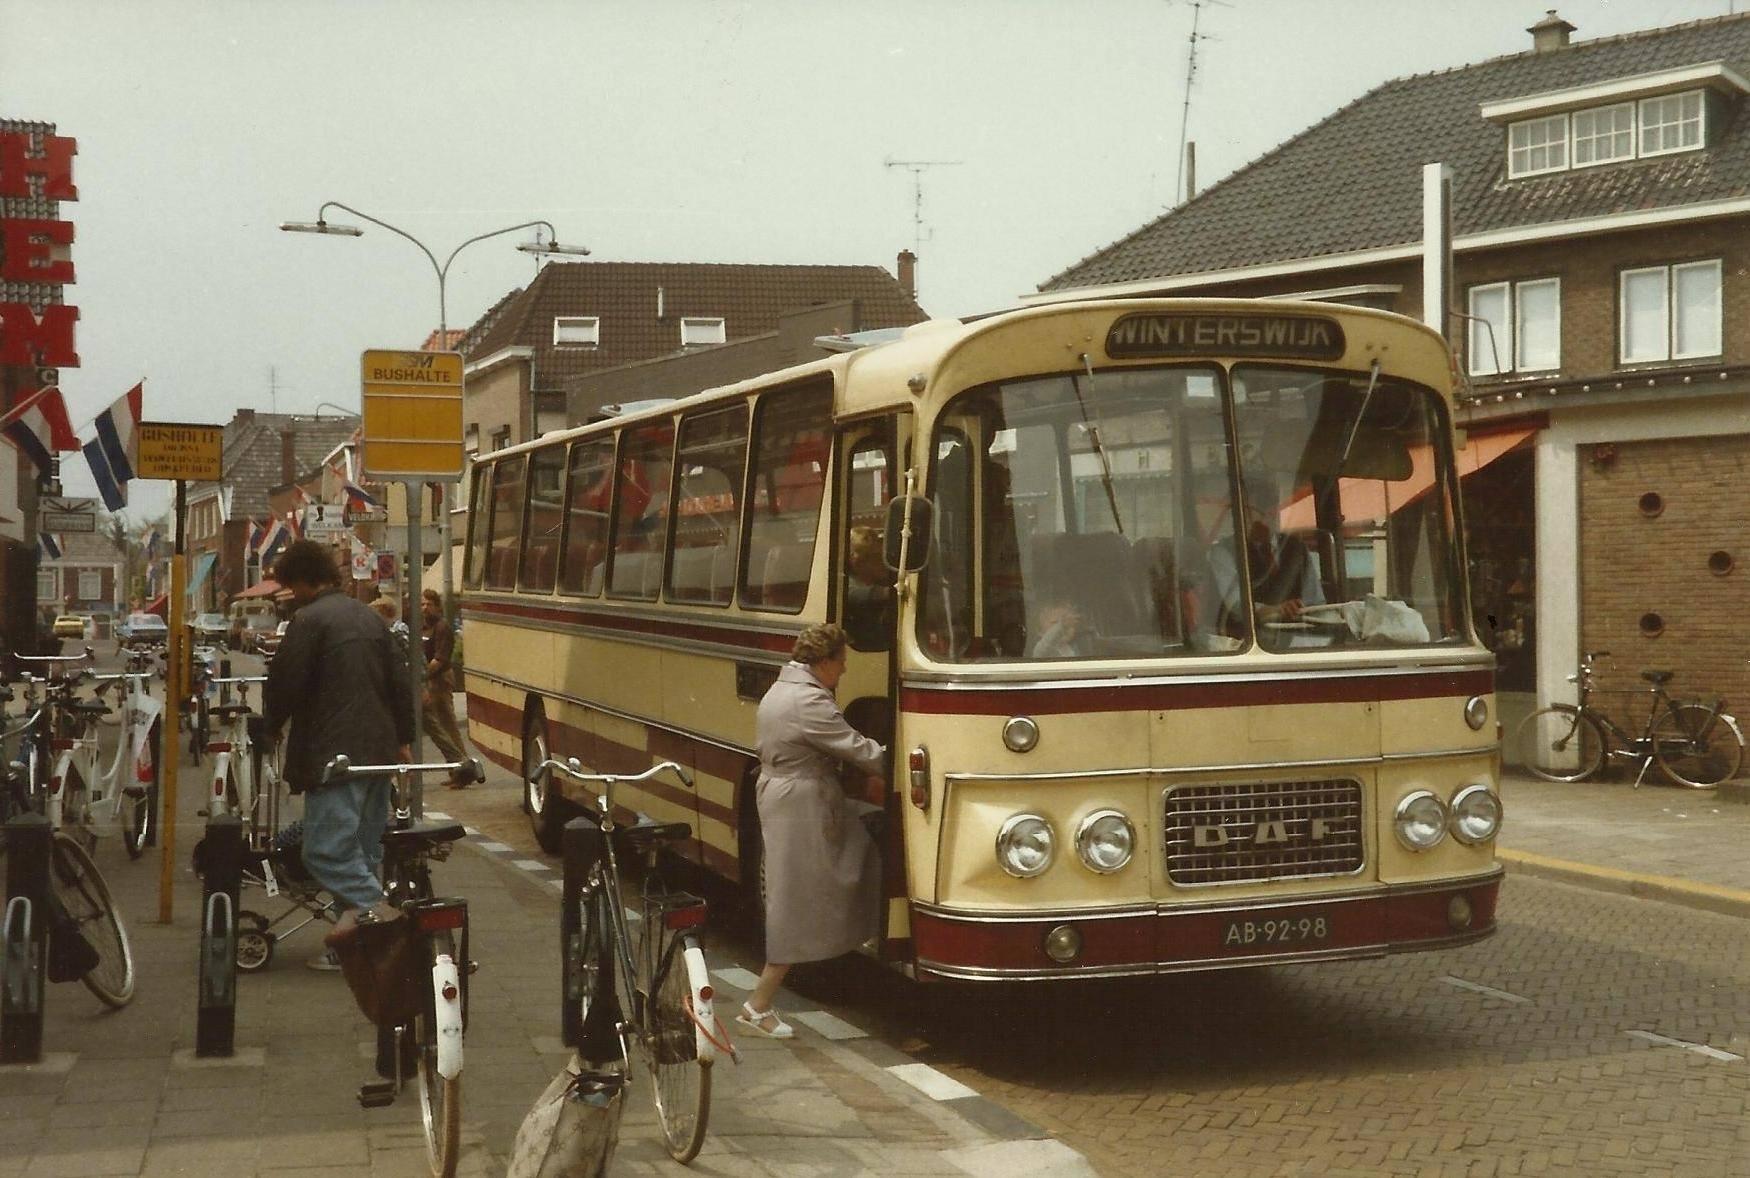 Bus-nr-21-bouwjaar-1968-en-in-dit-jaar-ook-in-dienst-gekomen-bij-Veldhuis-tot-1988--Deze-bus-is-verkocht-en-naar-Winterswijk-gegaan-waar-hij-omgebouwd-werd-tot-camper